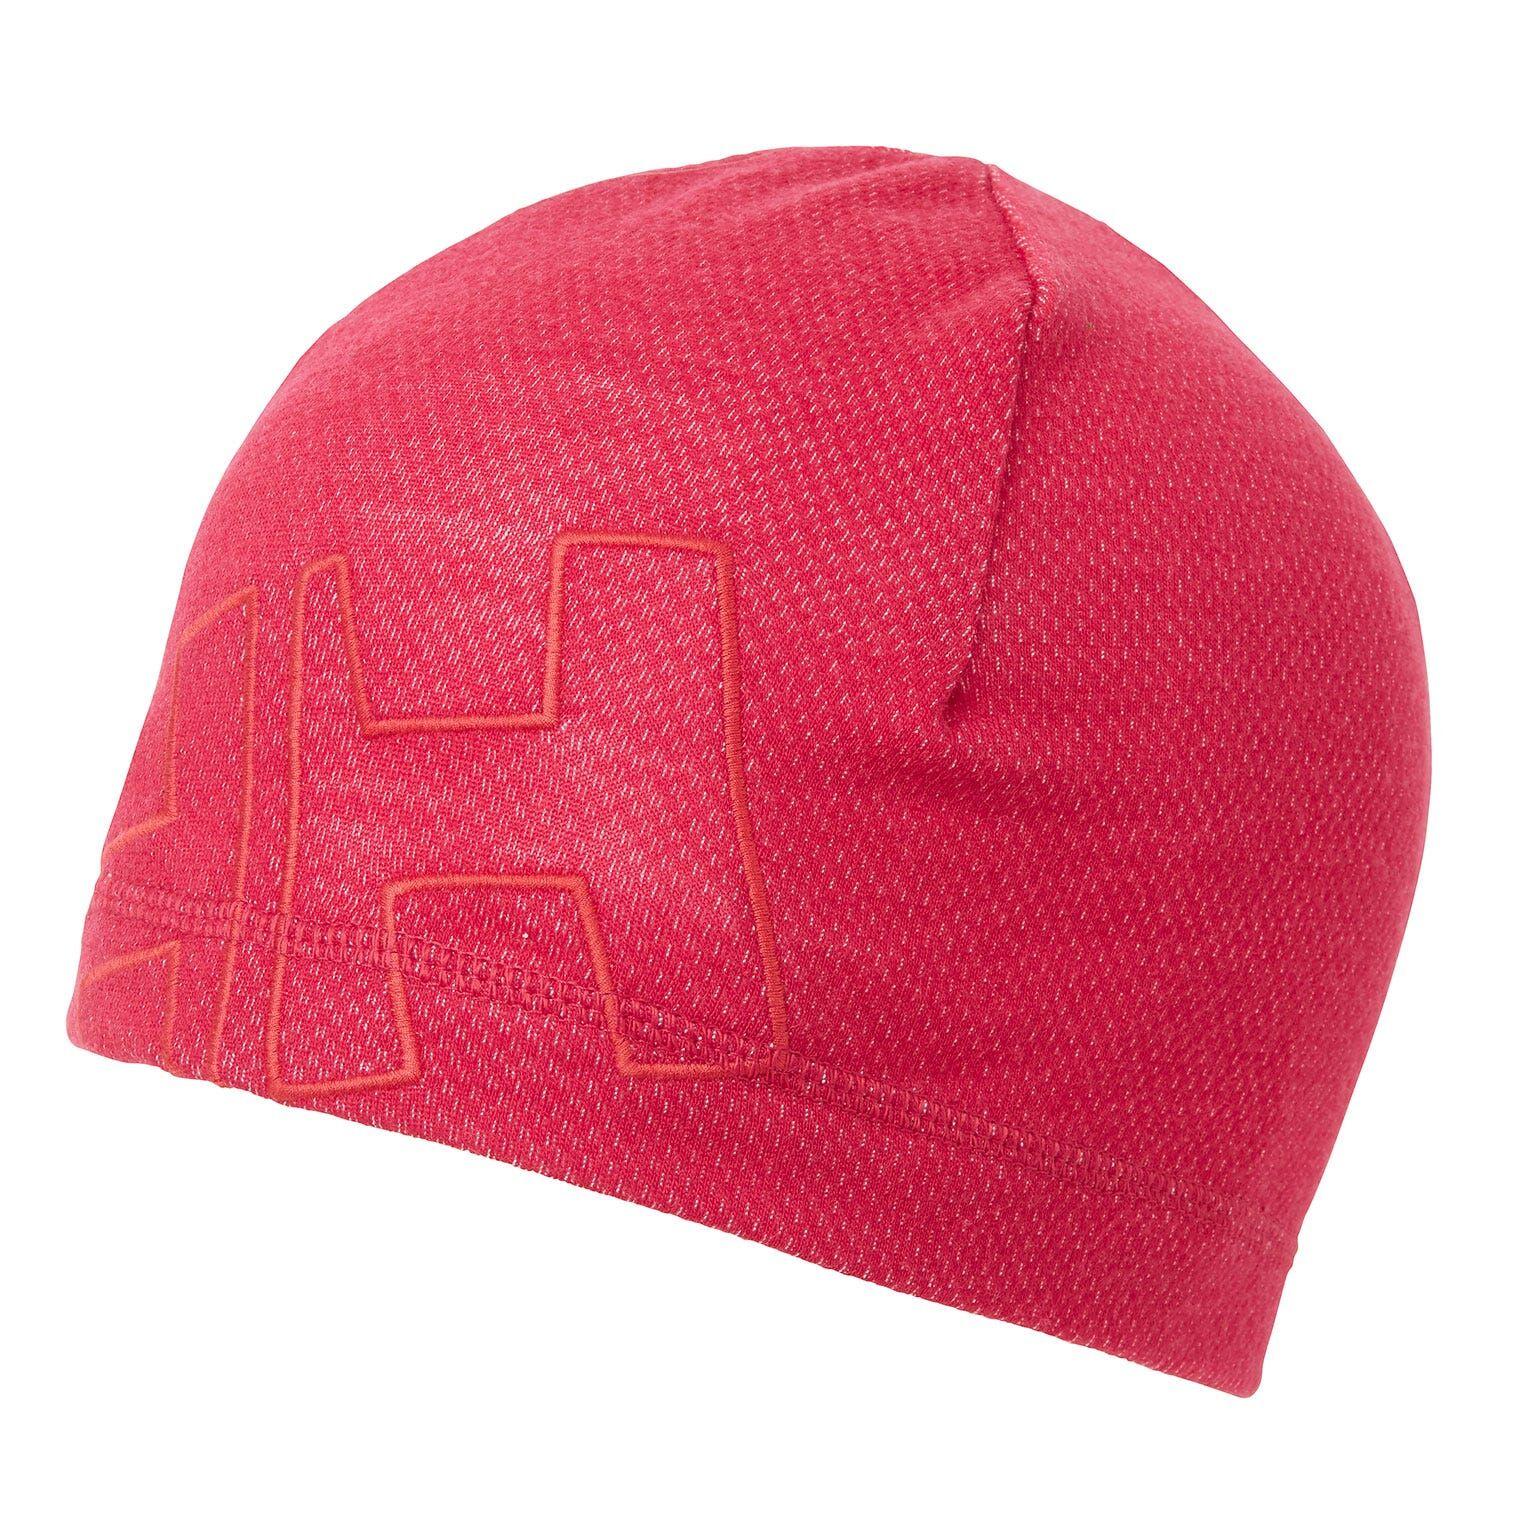 Helly Hansen Warm Beanie Pink STD